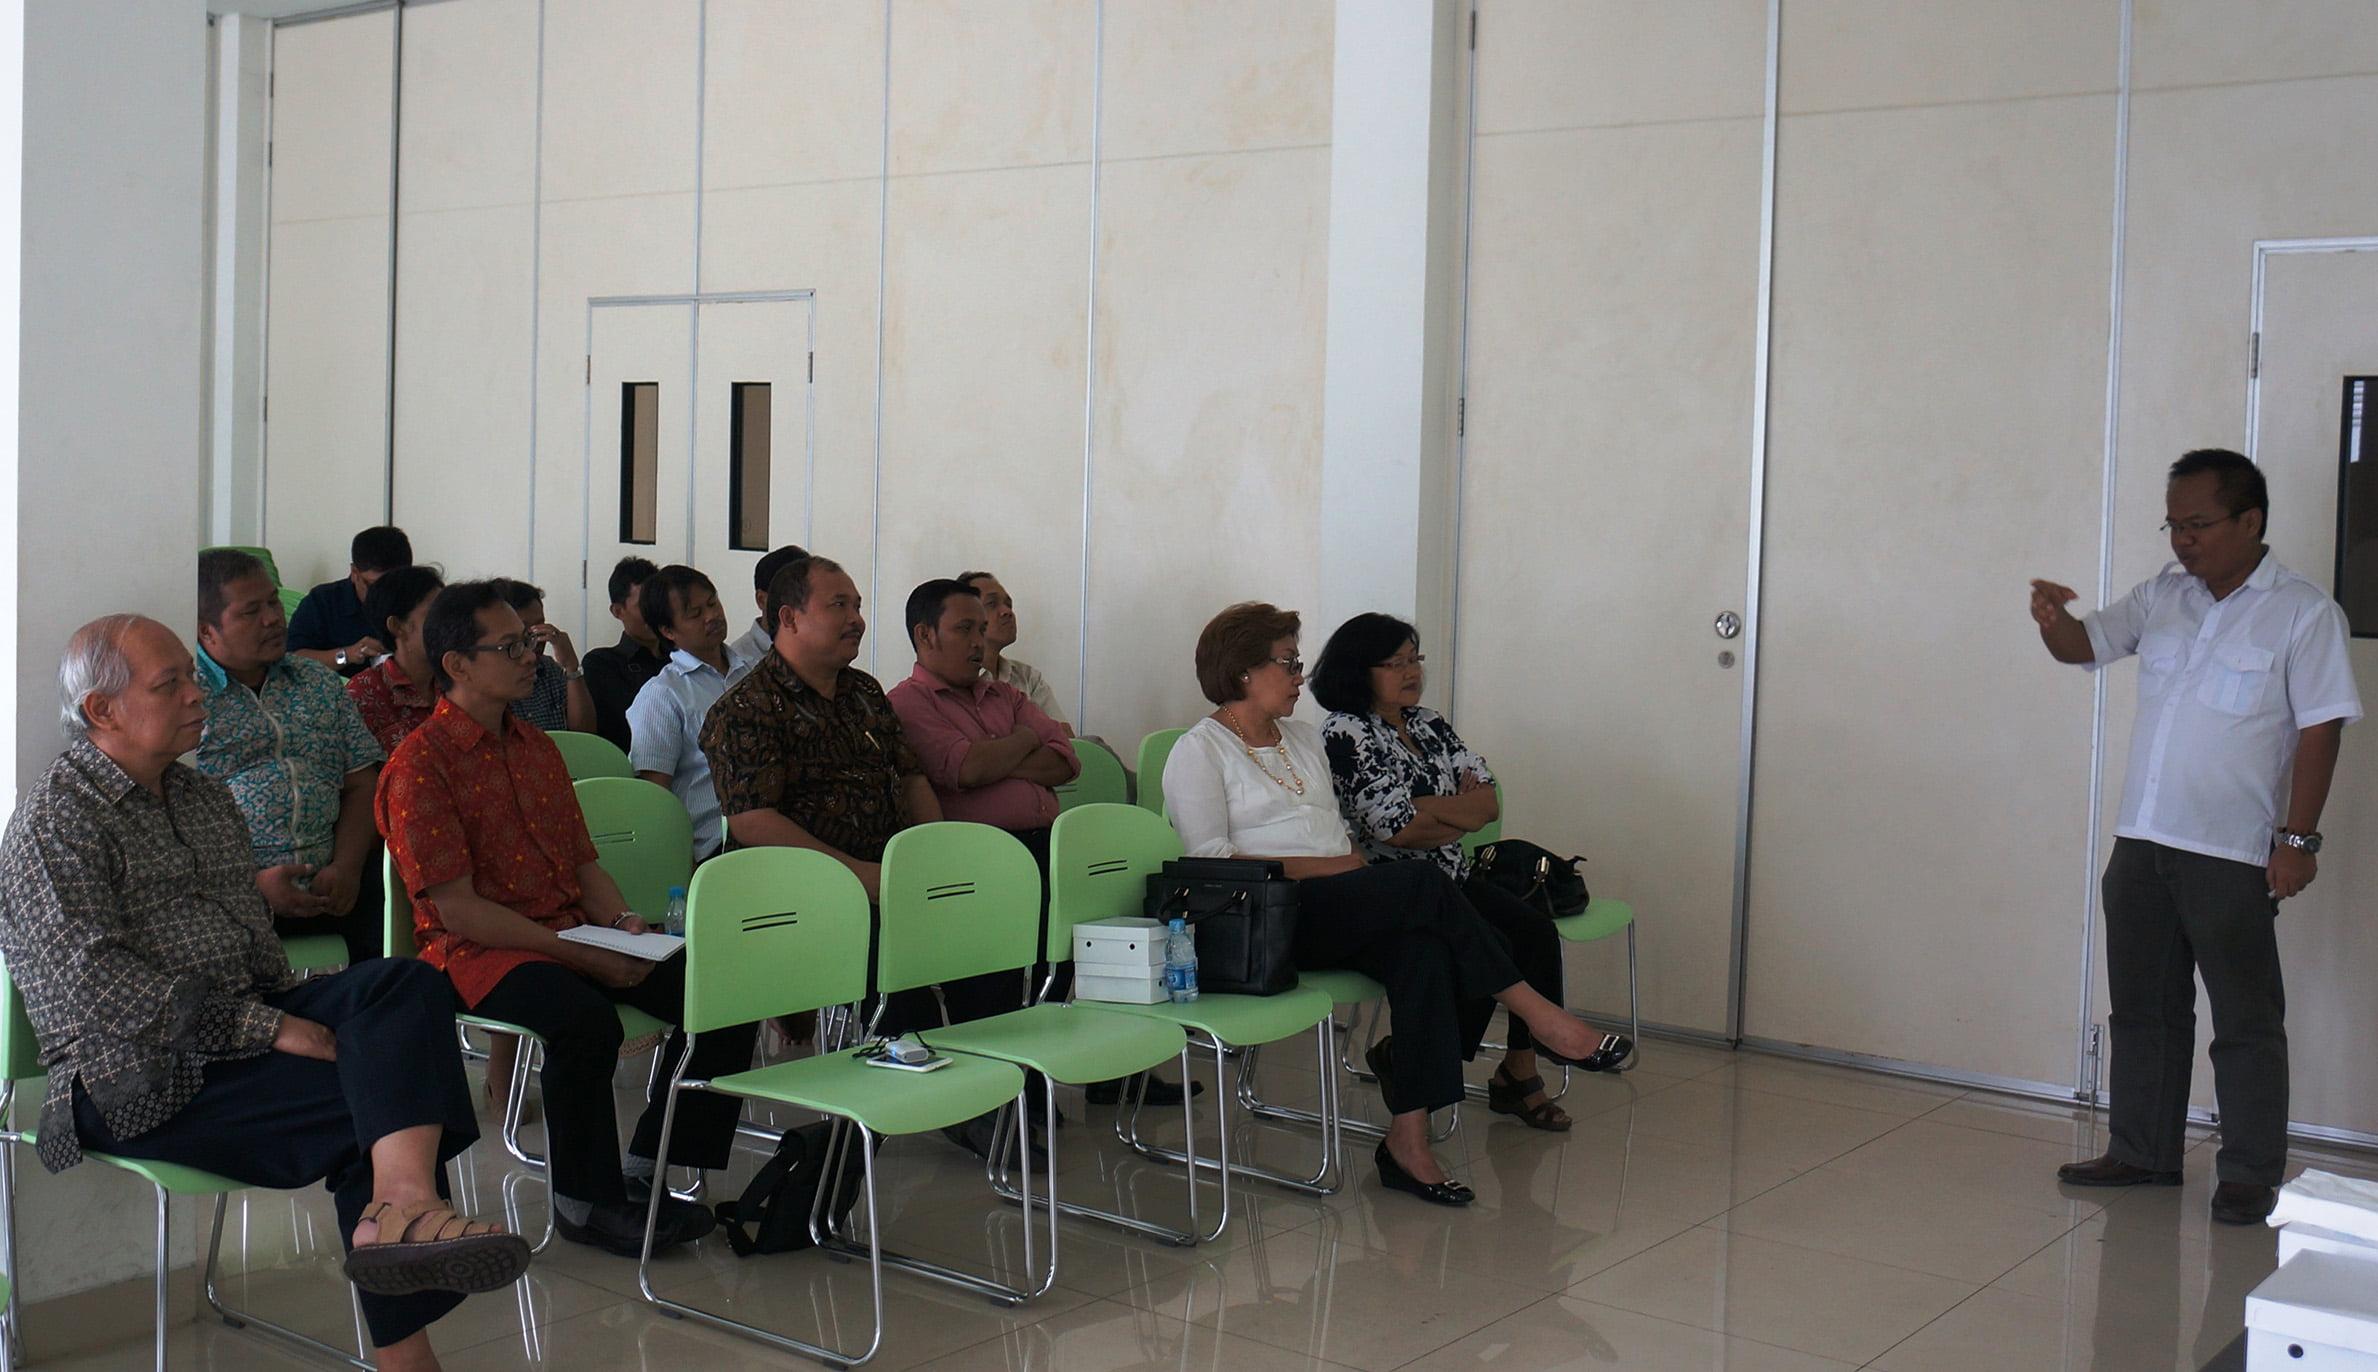 Foto 3 - Sebagian umat Paroki MBSB yang menghadiri acara   sosialisasi FMKI.